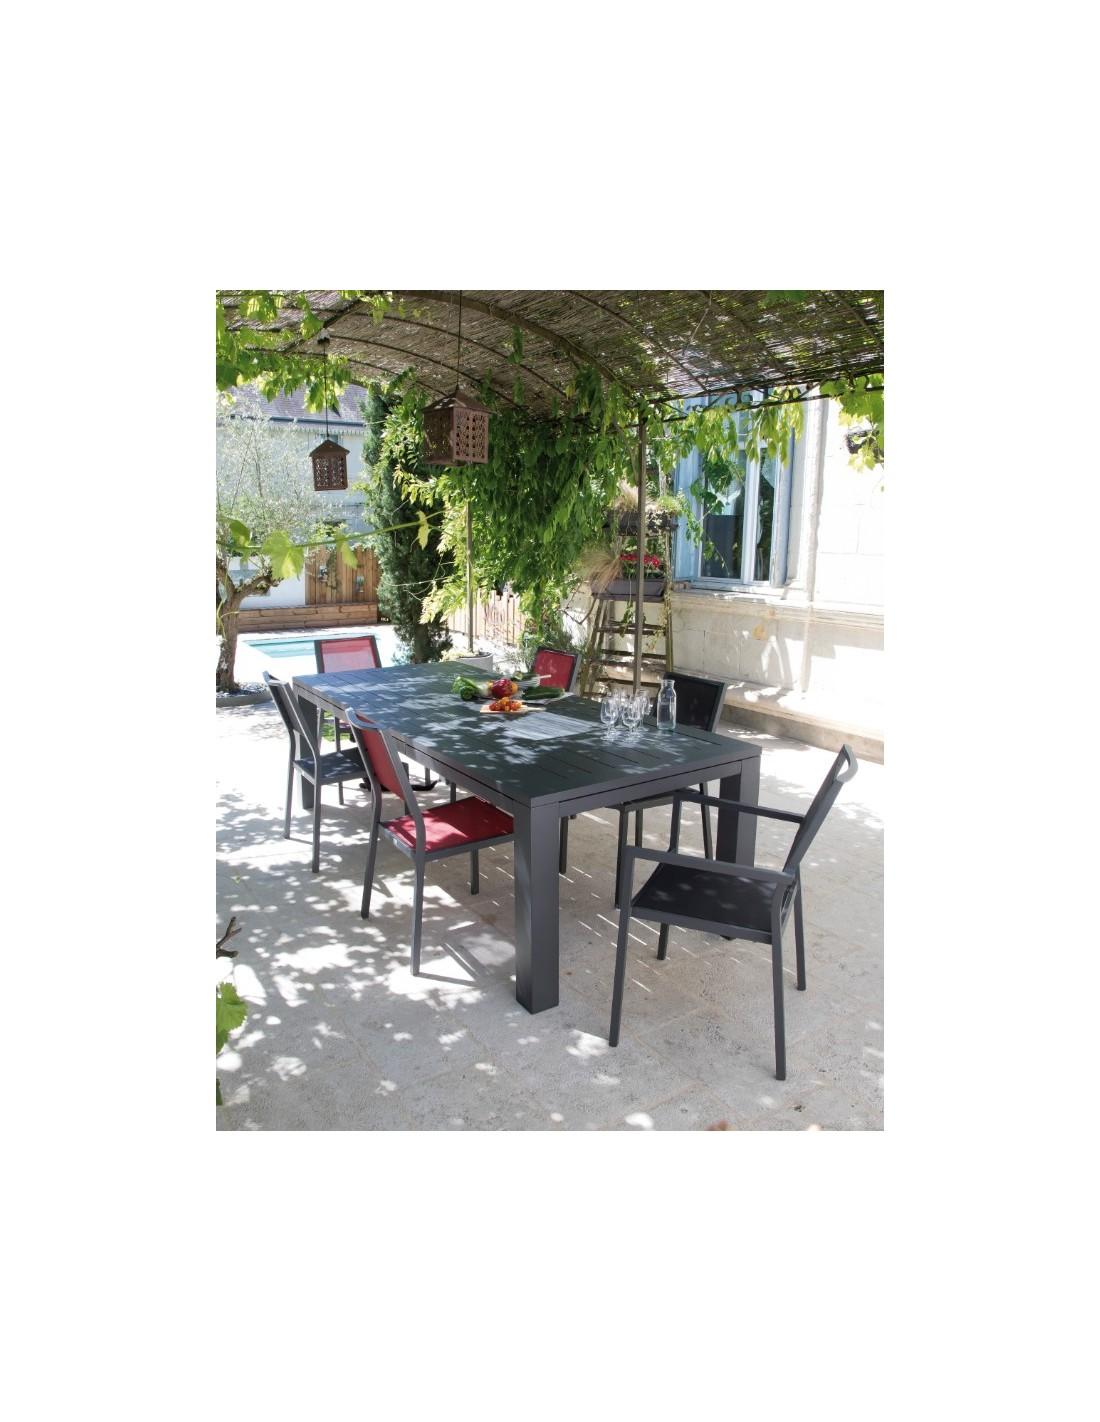 Table de jardin Latino extensible - Coloris au choix - Proloisirs